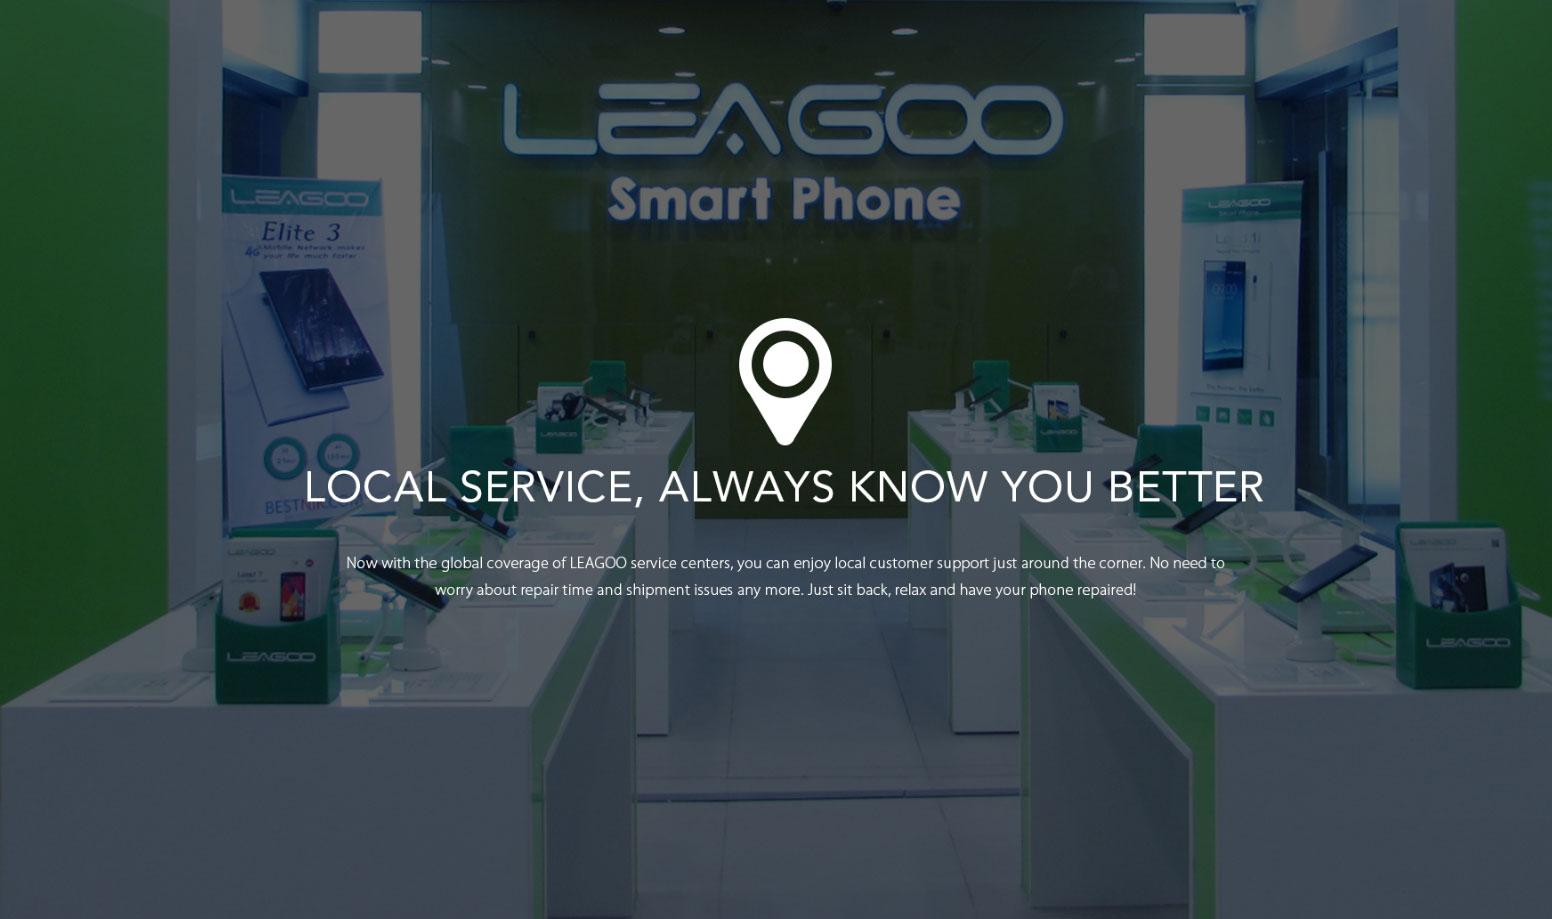 Otro gran movimiento global – LEAGOO establece centros de atención al cliente en Europa y Rusia